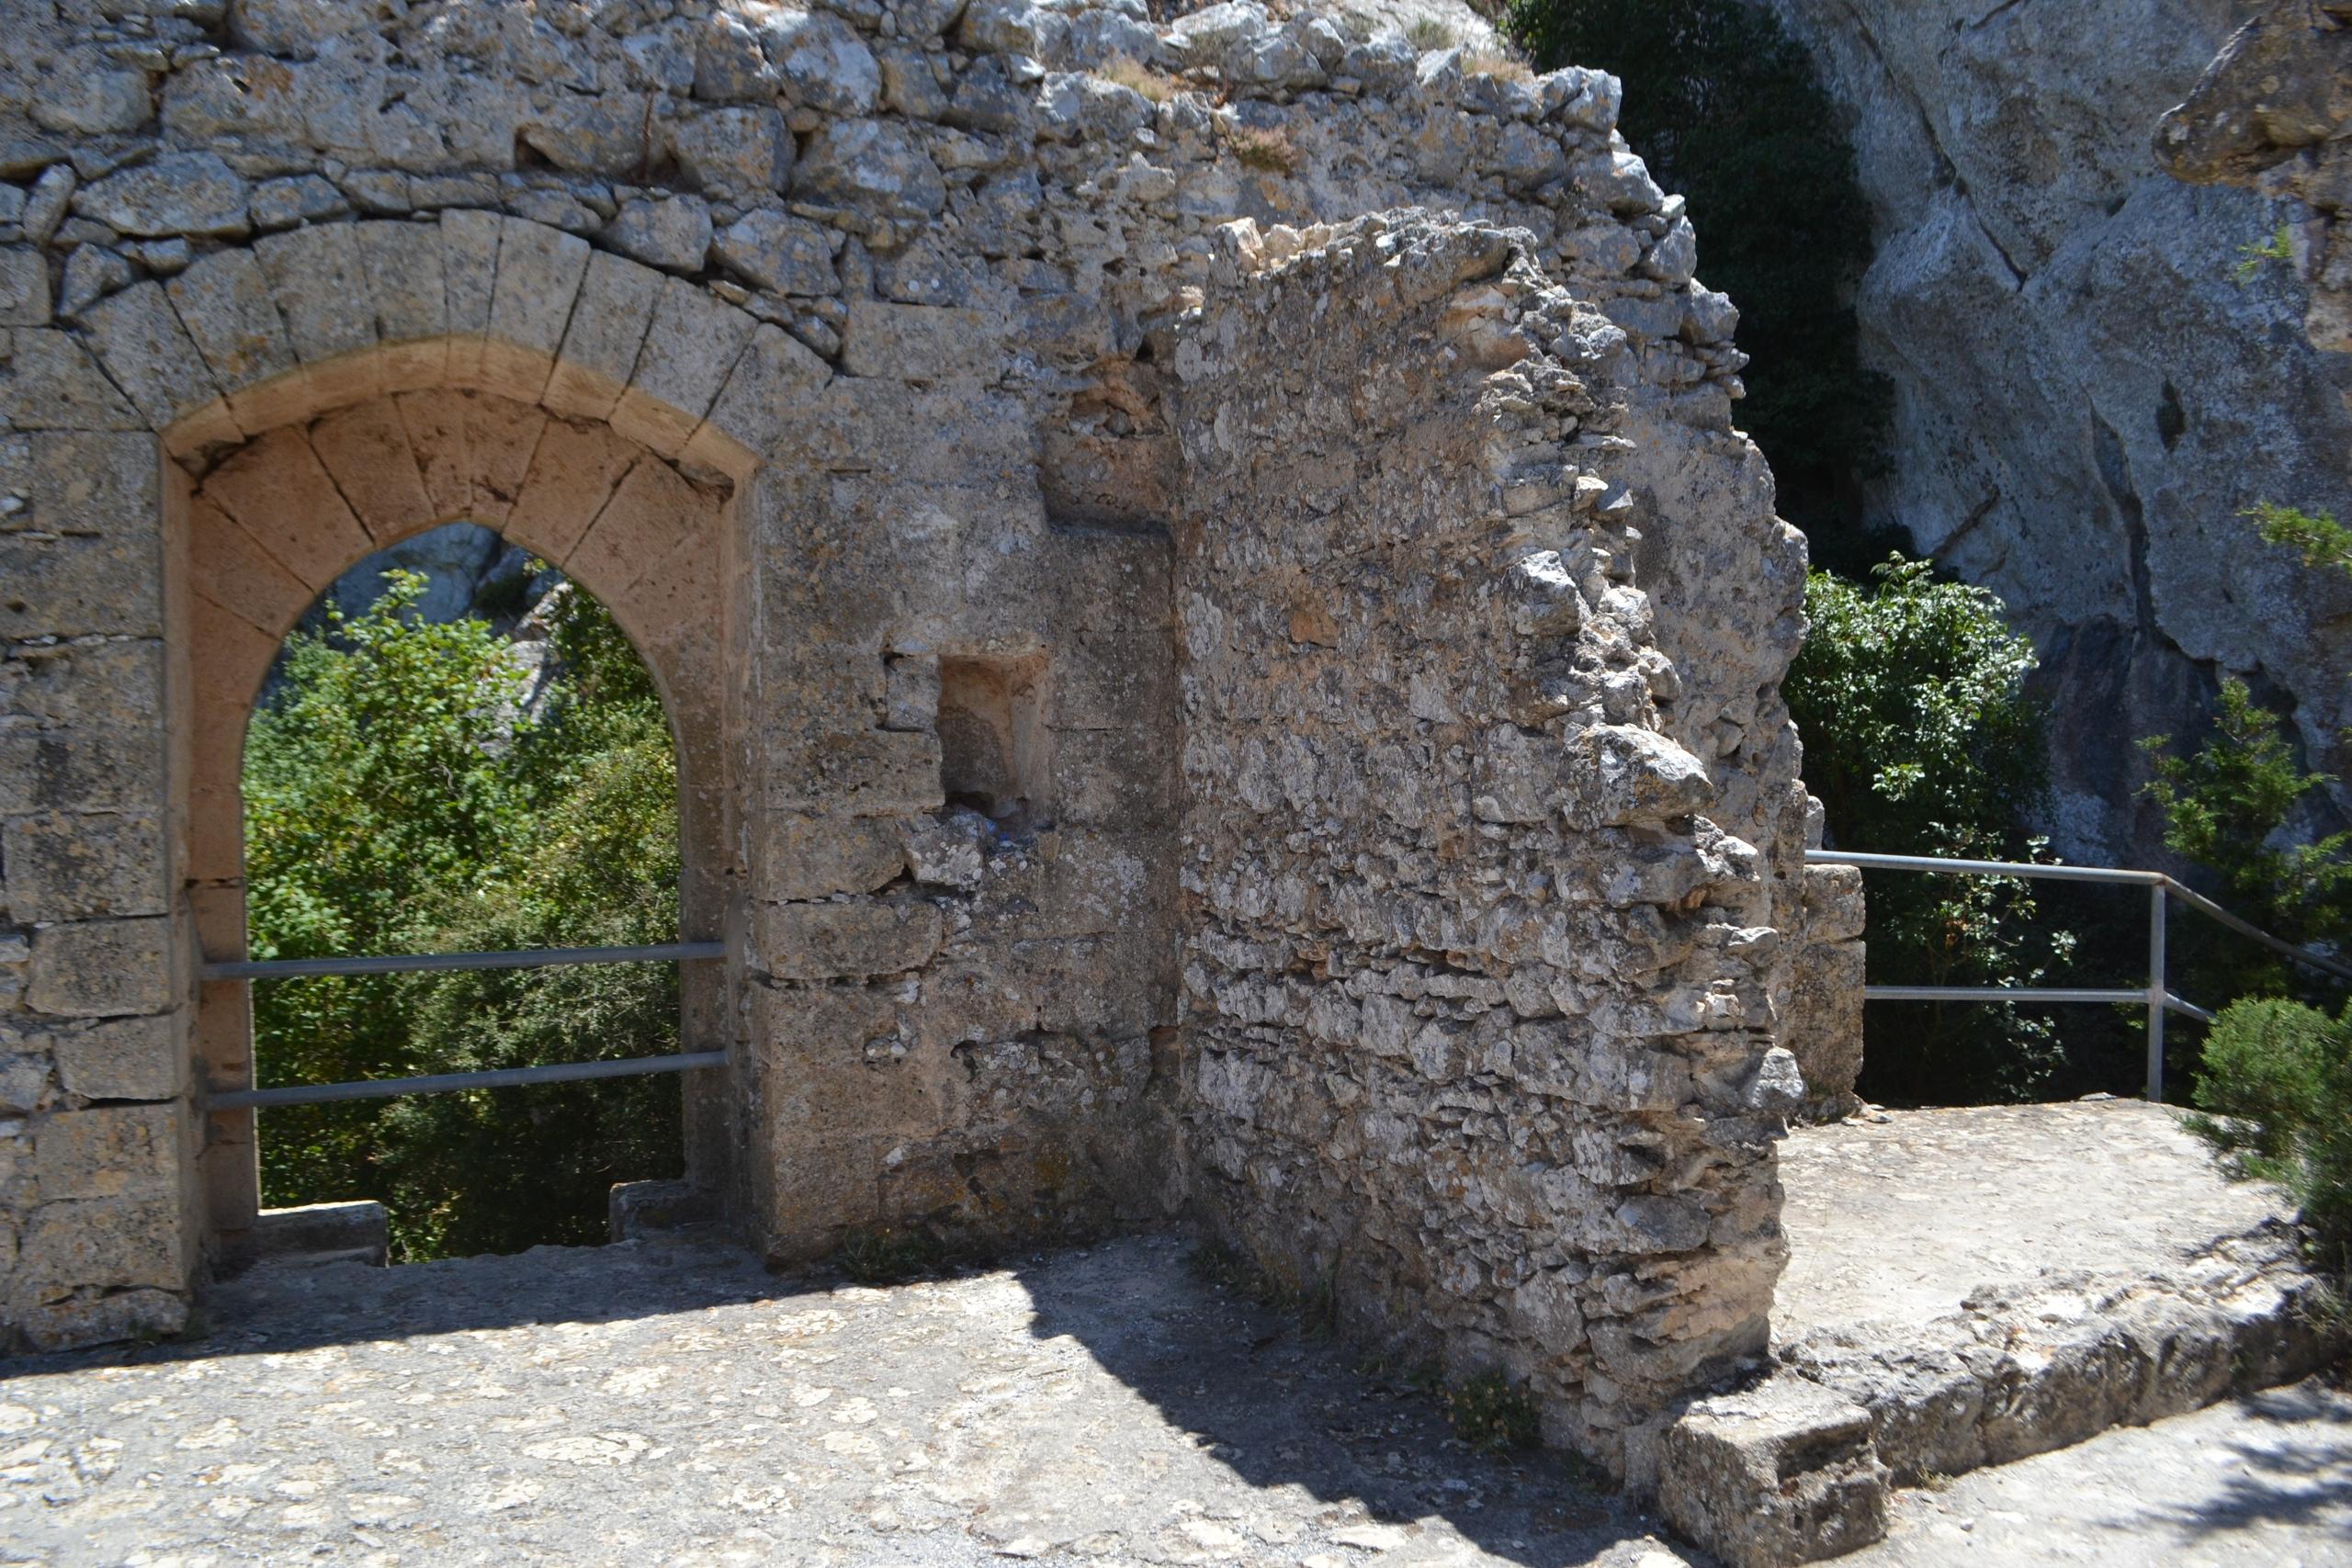 Северный Кипр. Замок Святого Иллариона. (фото). - Страница 3 4b6JNR1ZIXw